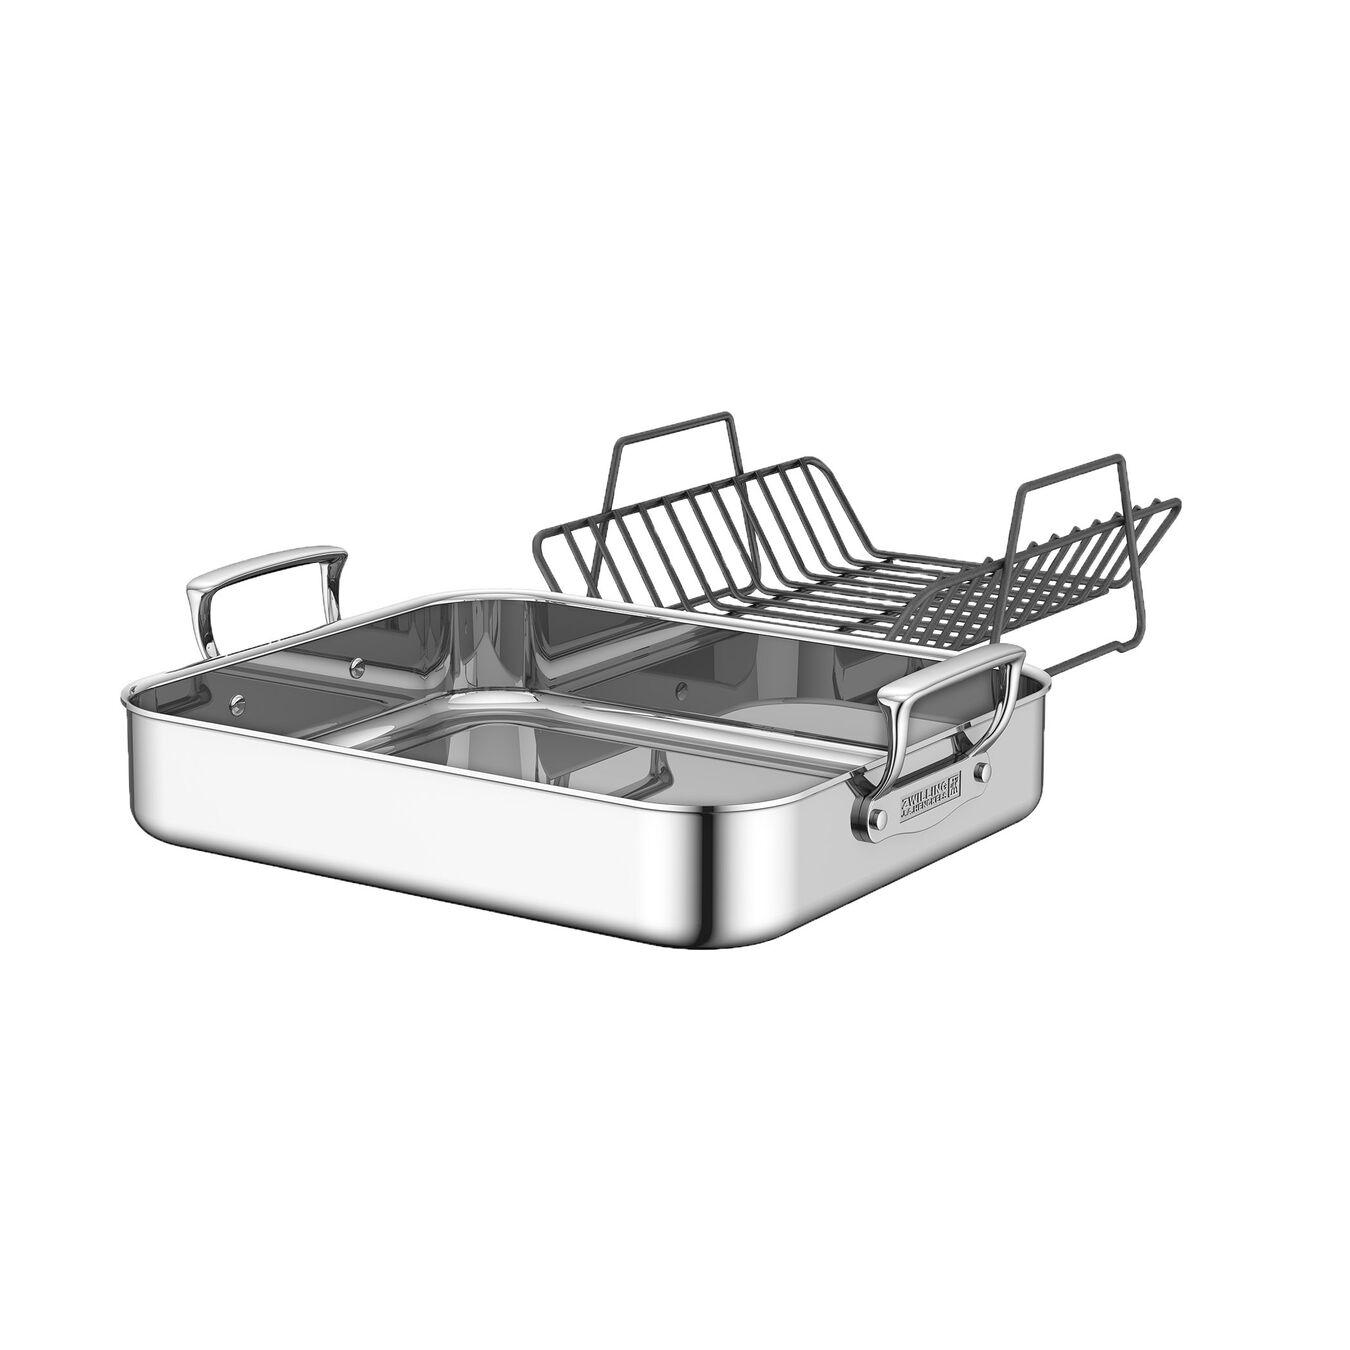 rectangular Roaster, silver,,large 1